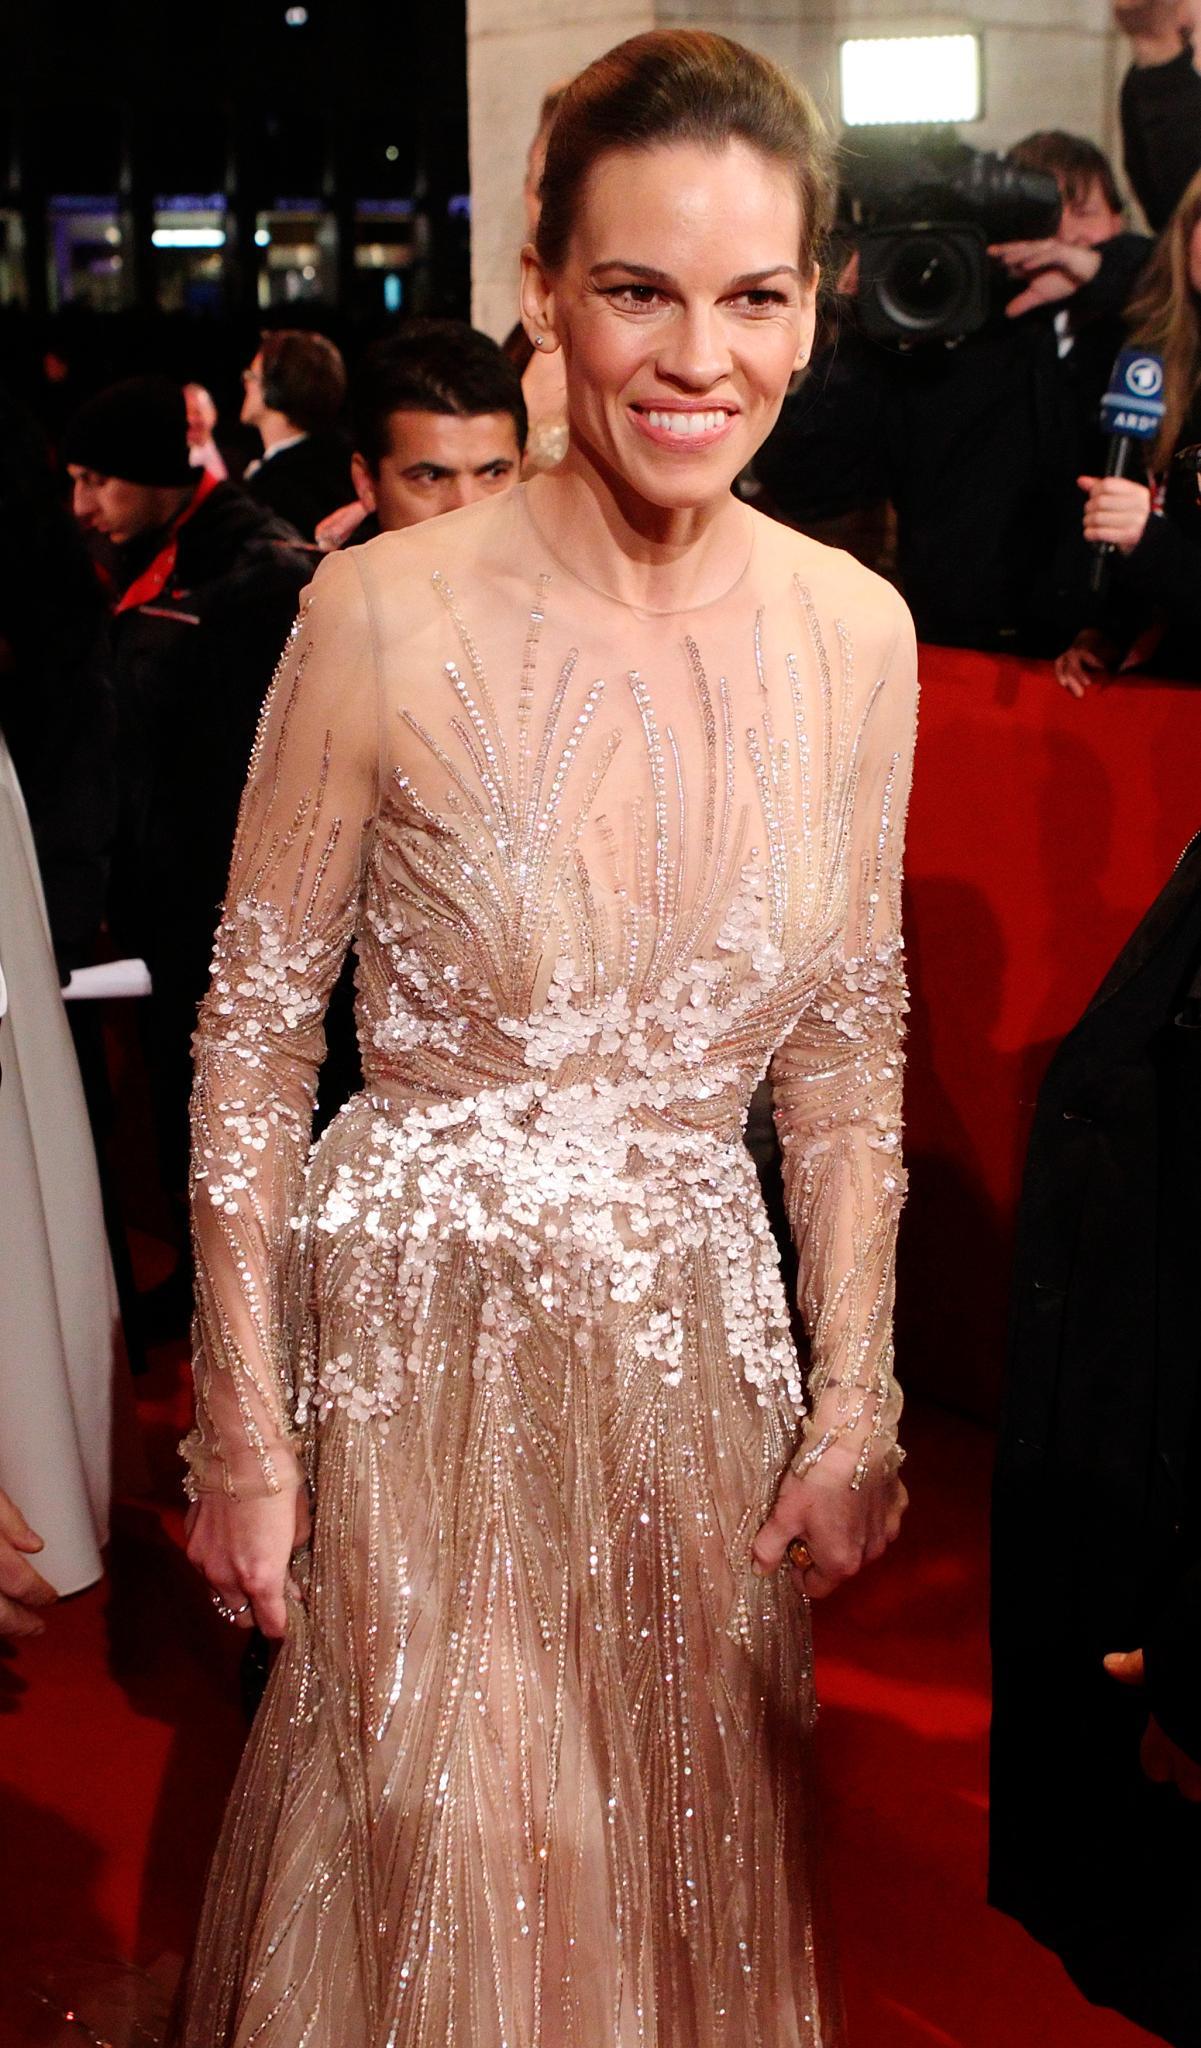 Auch Hilary Swank war zu Gast beim Wiener Opernball 2013 und fühlte sich wie in die Vergangenheit zurückversetzt. Ganz gegenwärtig trug sie jedoch den aktuellen Opernball-Trend: Glitzer.